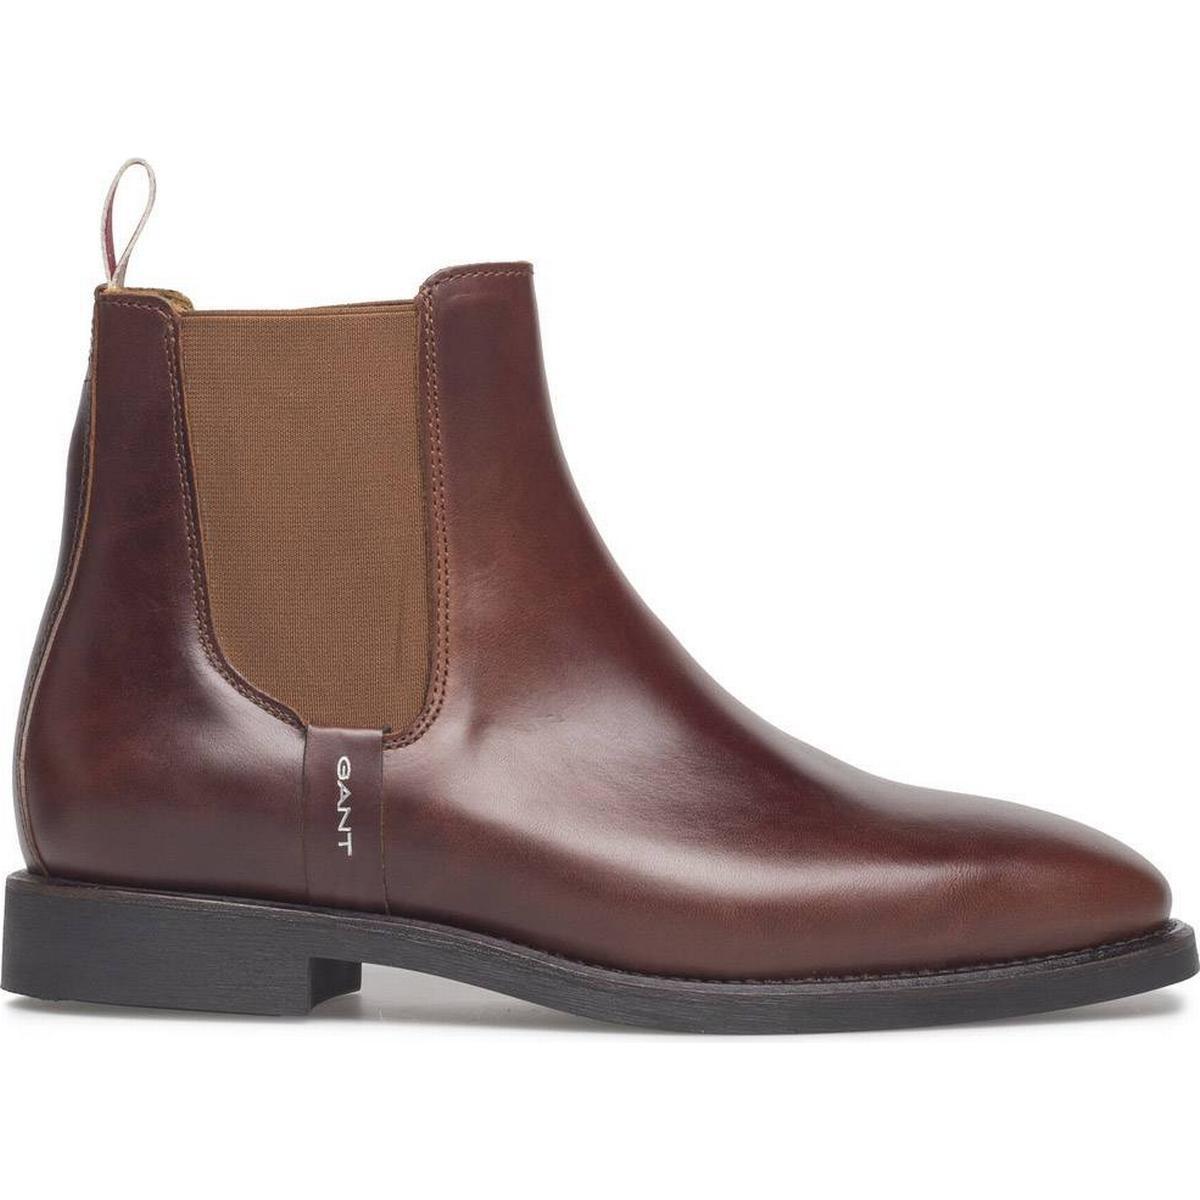 70e171a34cd Gant Chelsea Boots - Jämför priser på Jodhpur PriceRunner